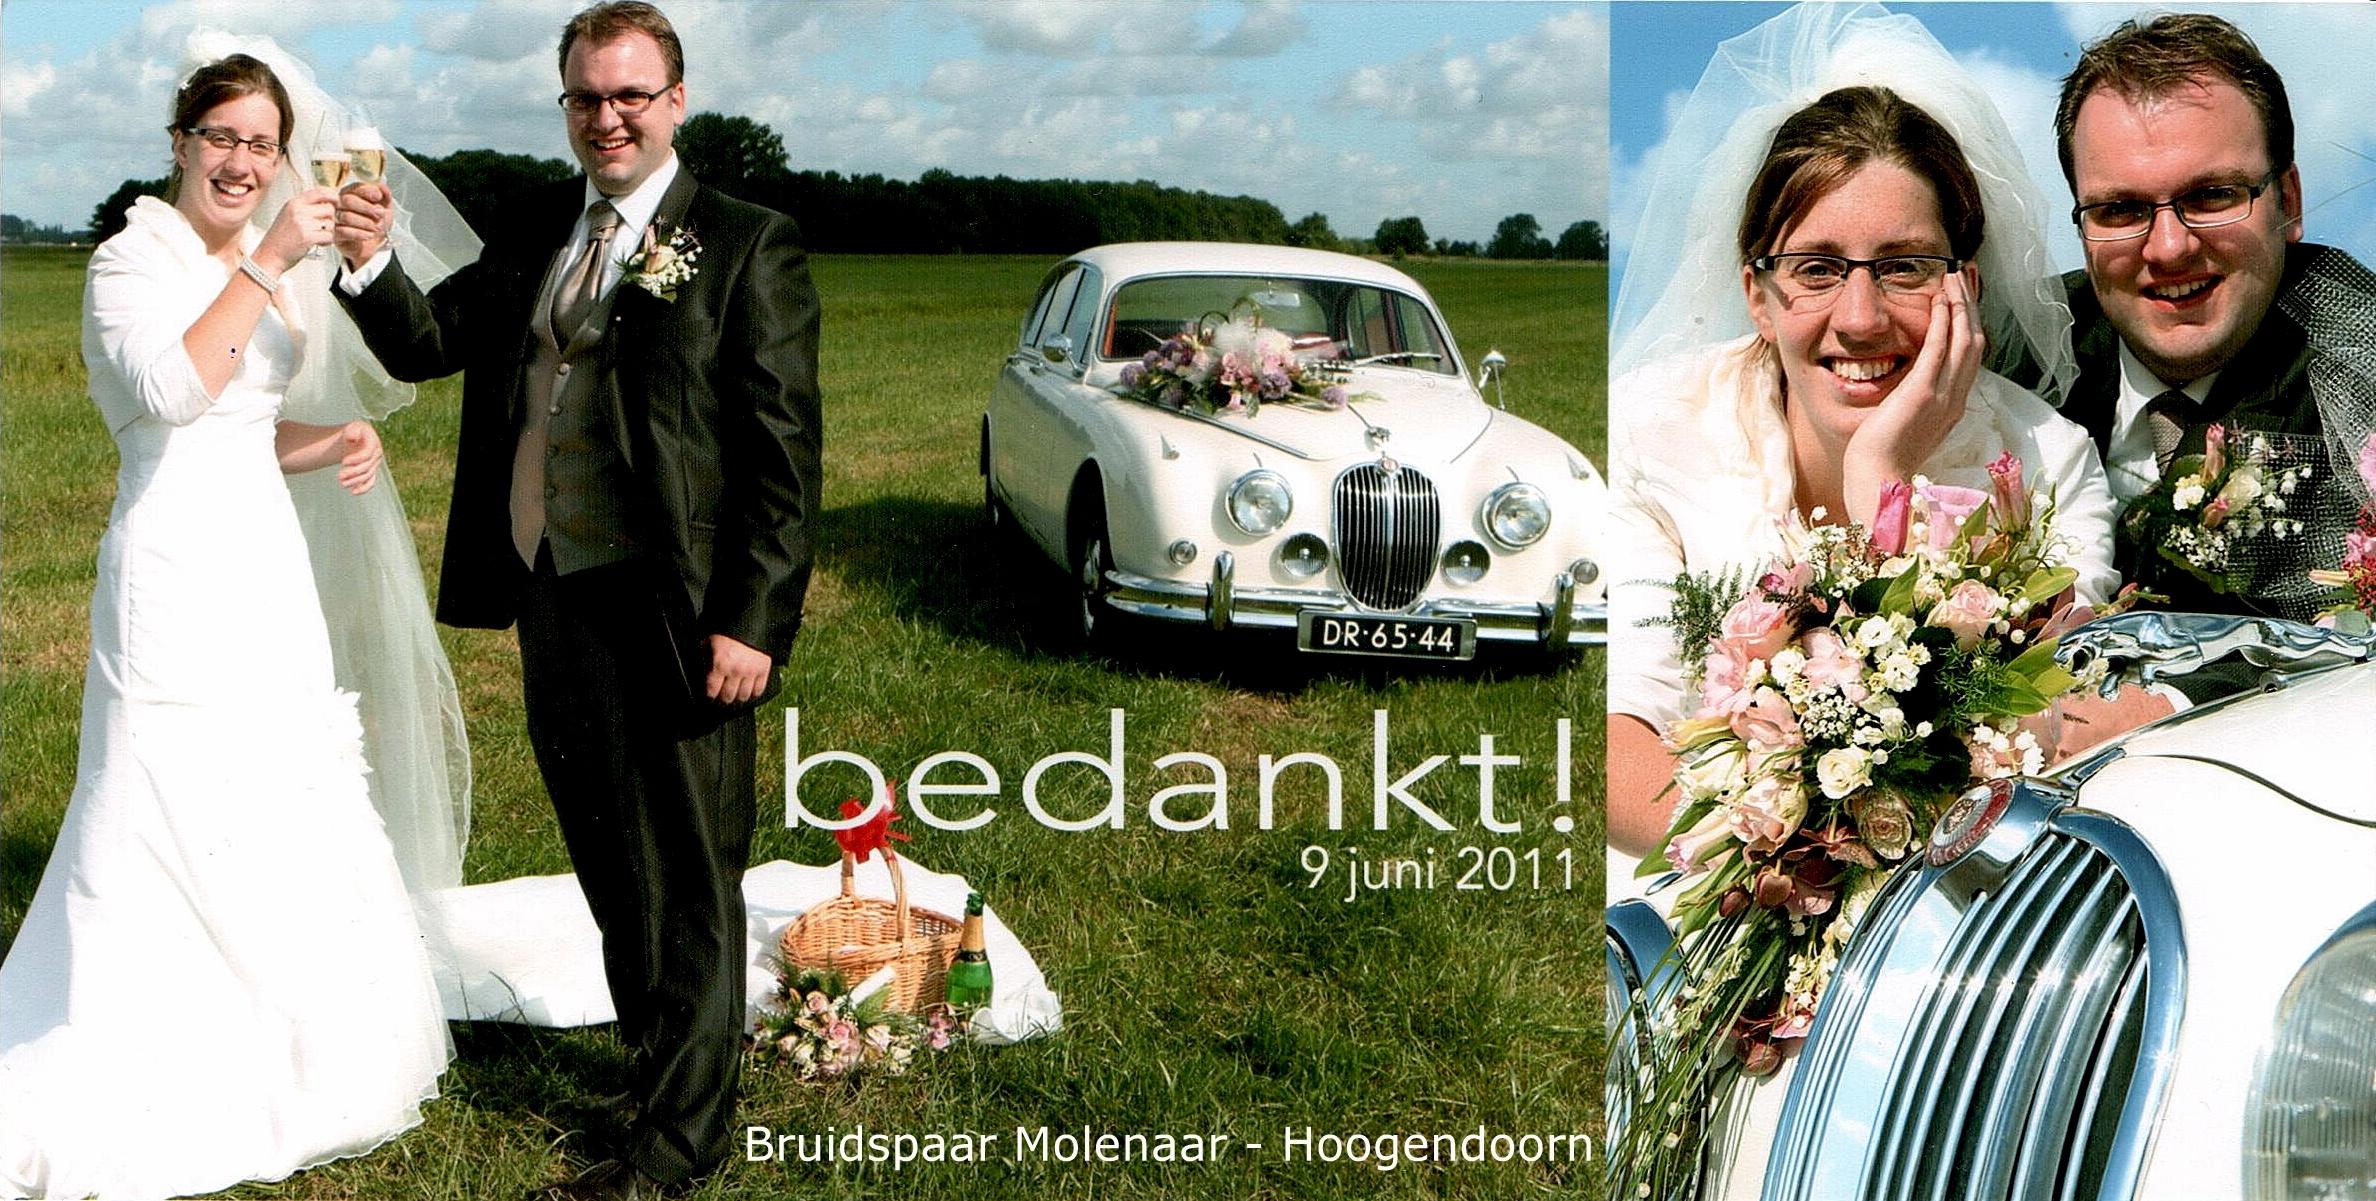 Bruidspaar Molenaar - Hoogendoorn